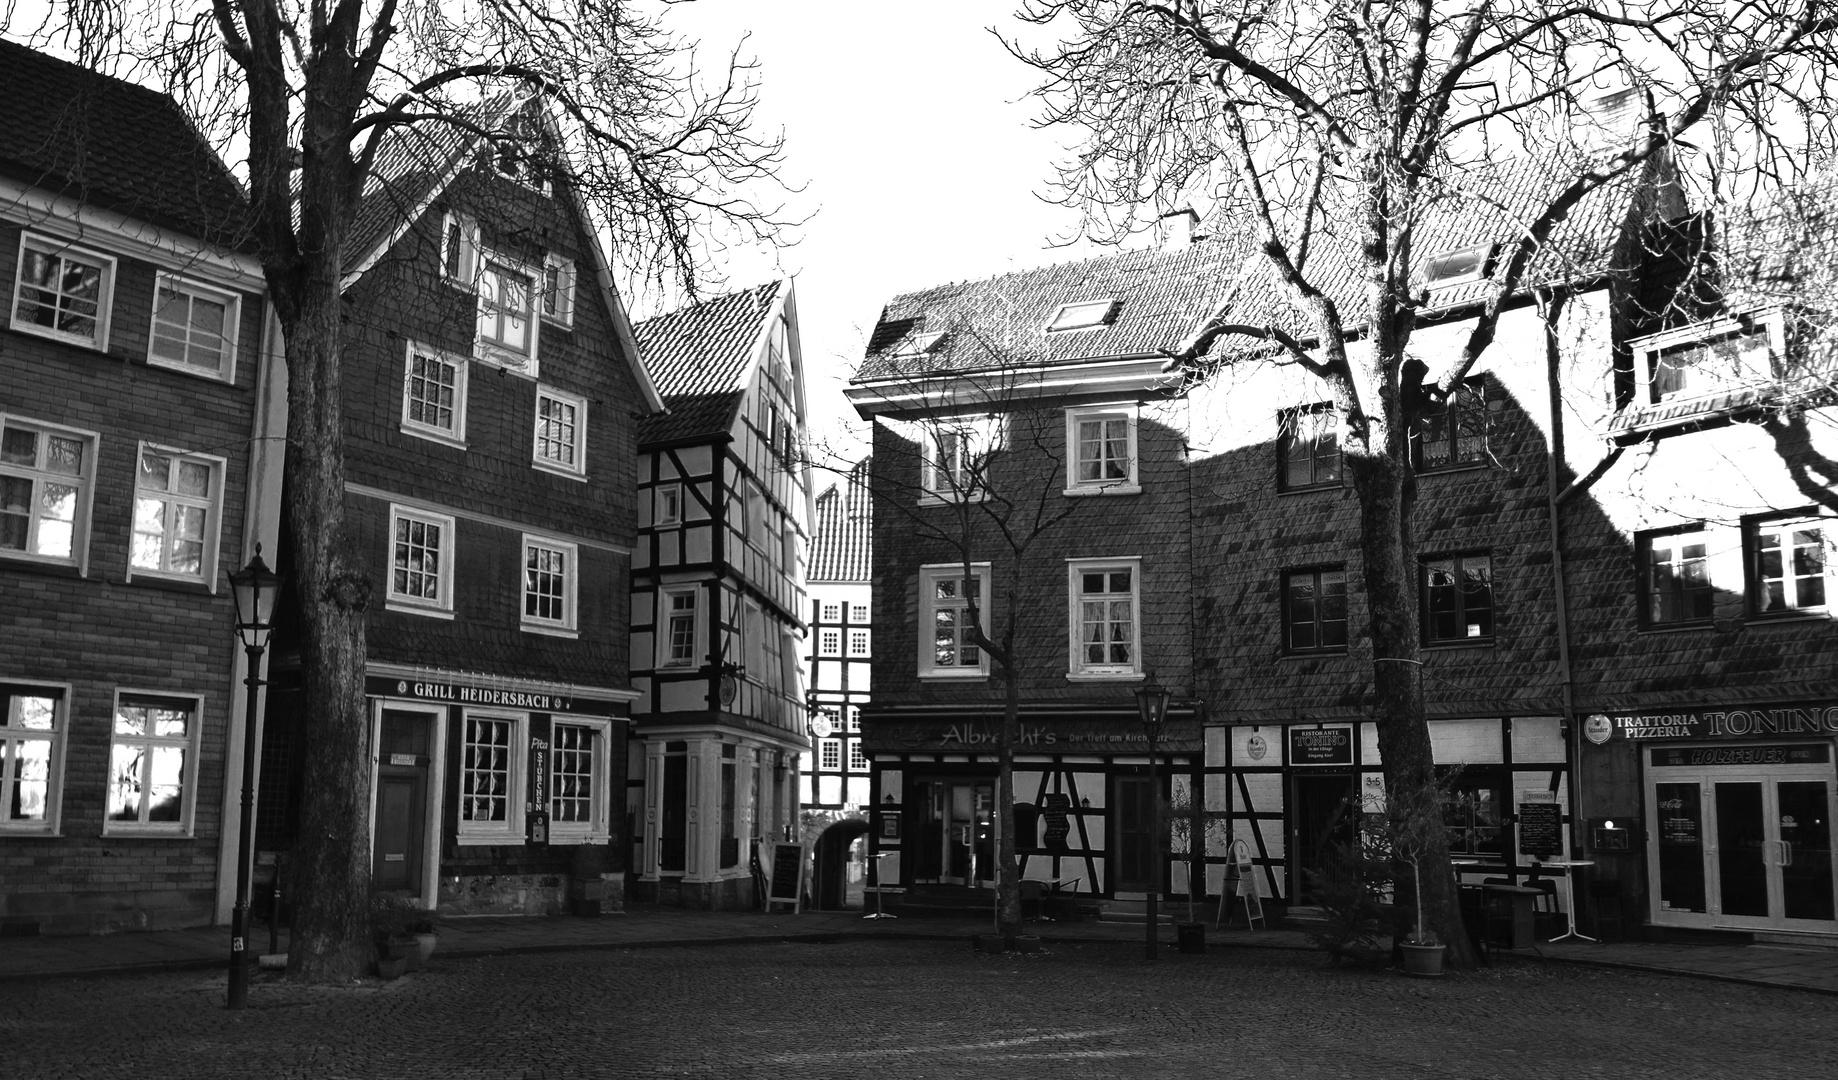 Hattingen Altstadt 13